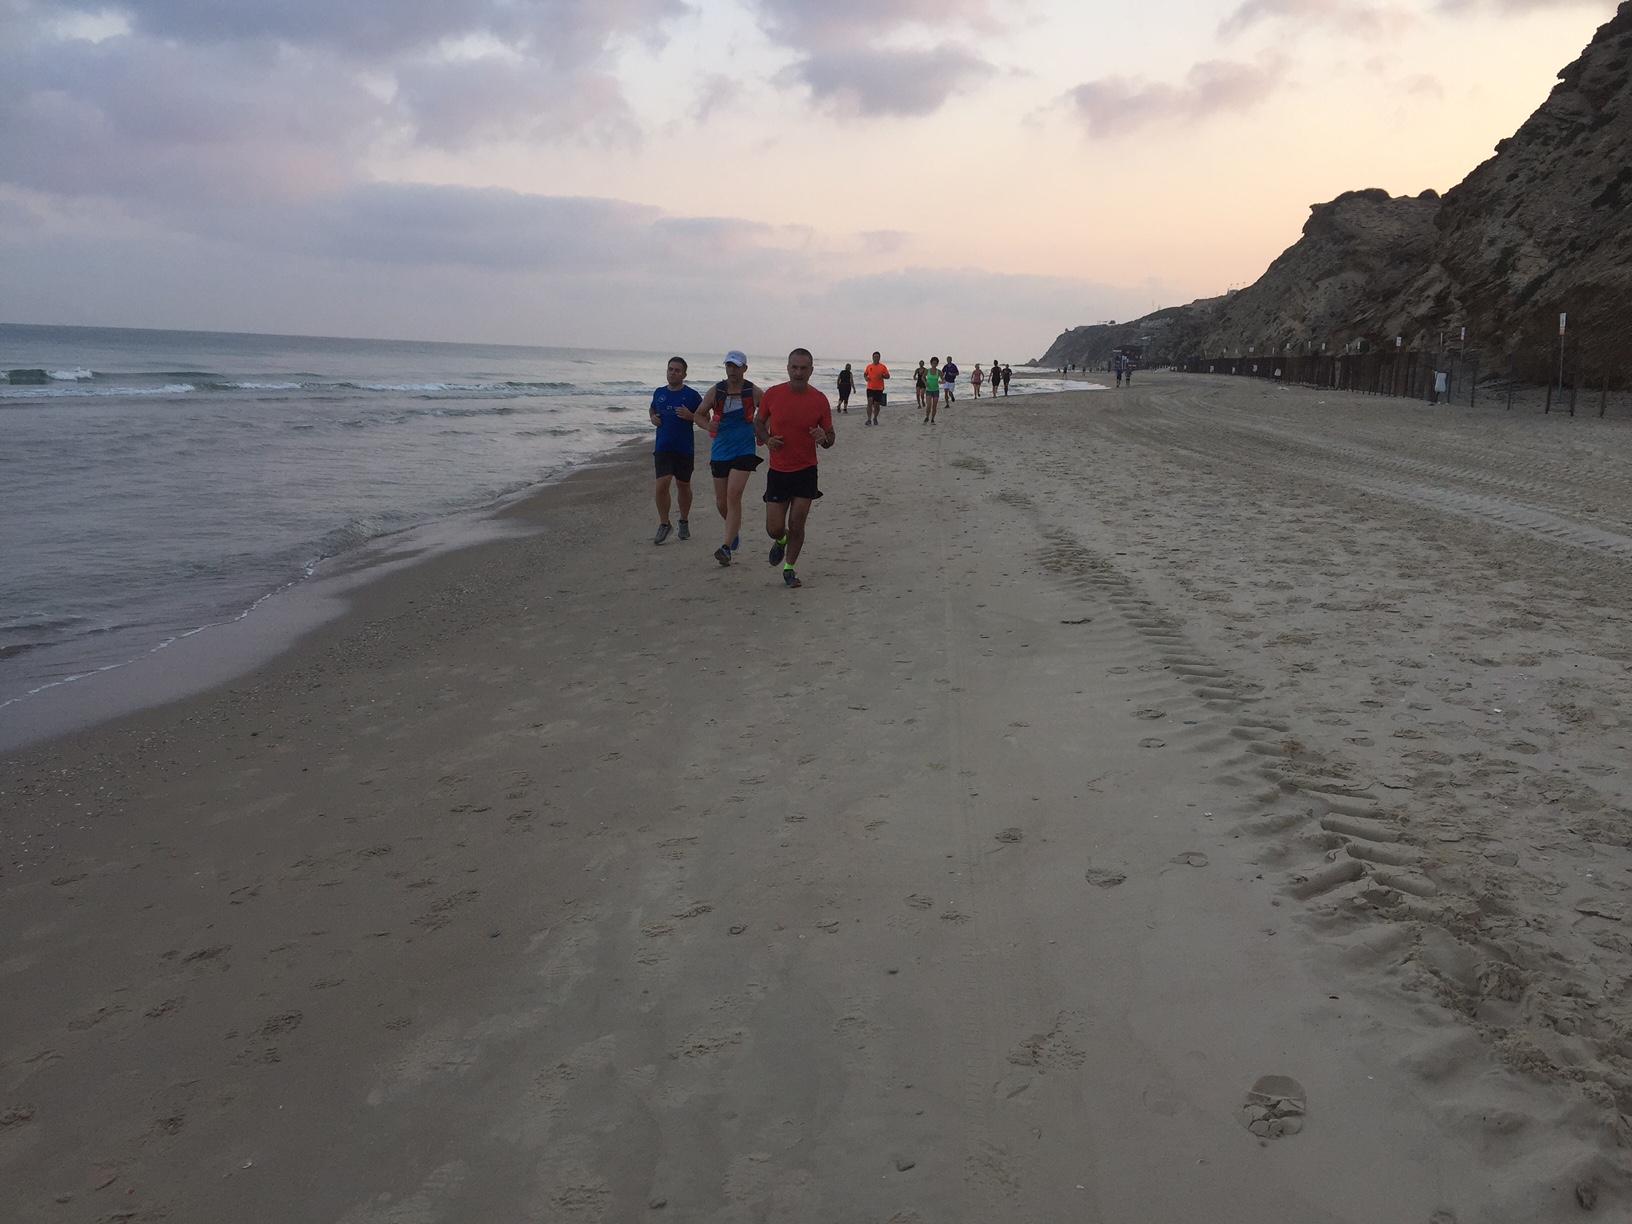 קבוצת ריצה נדירה